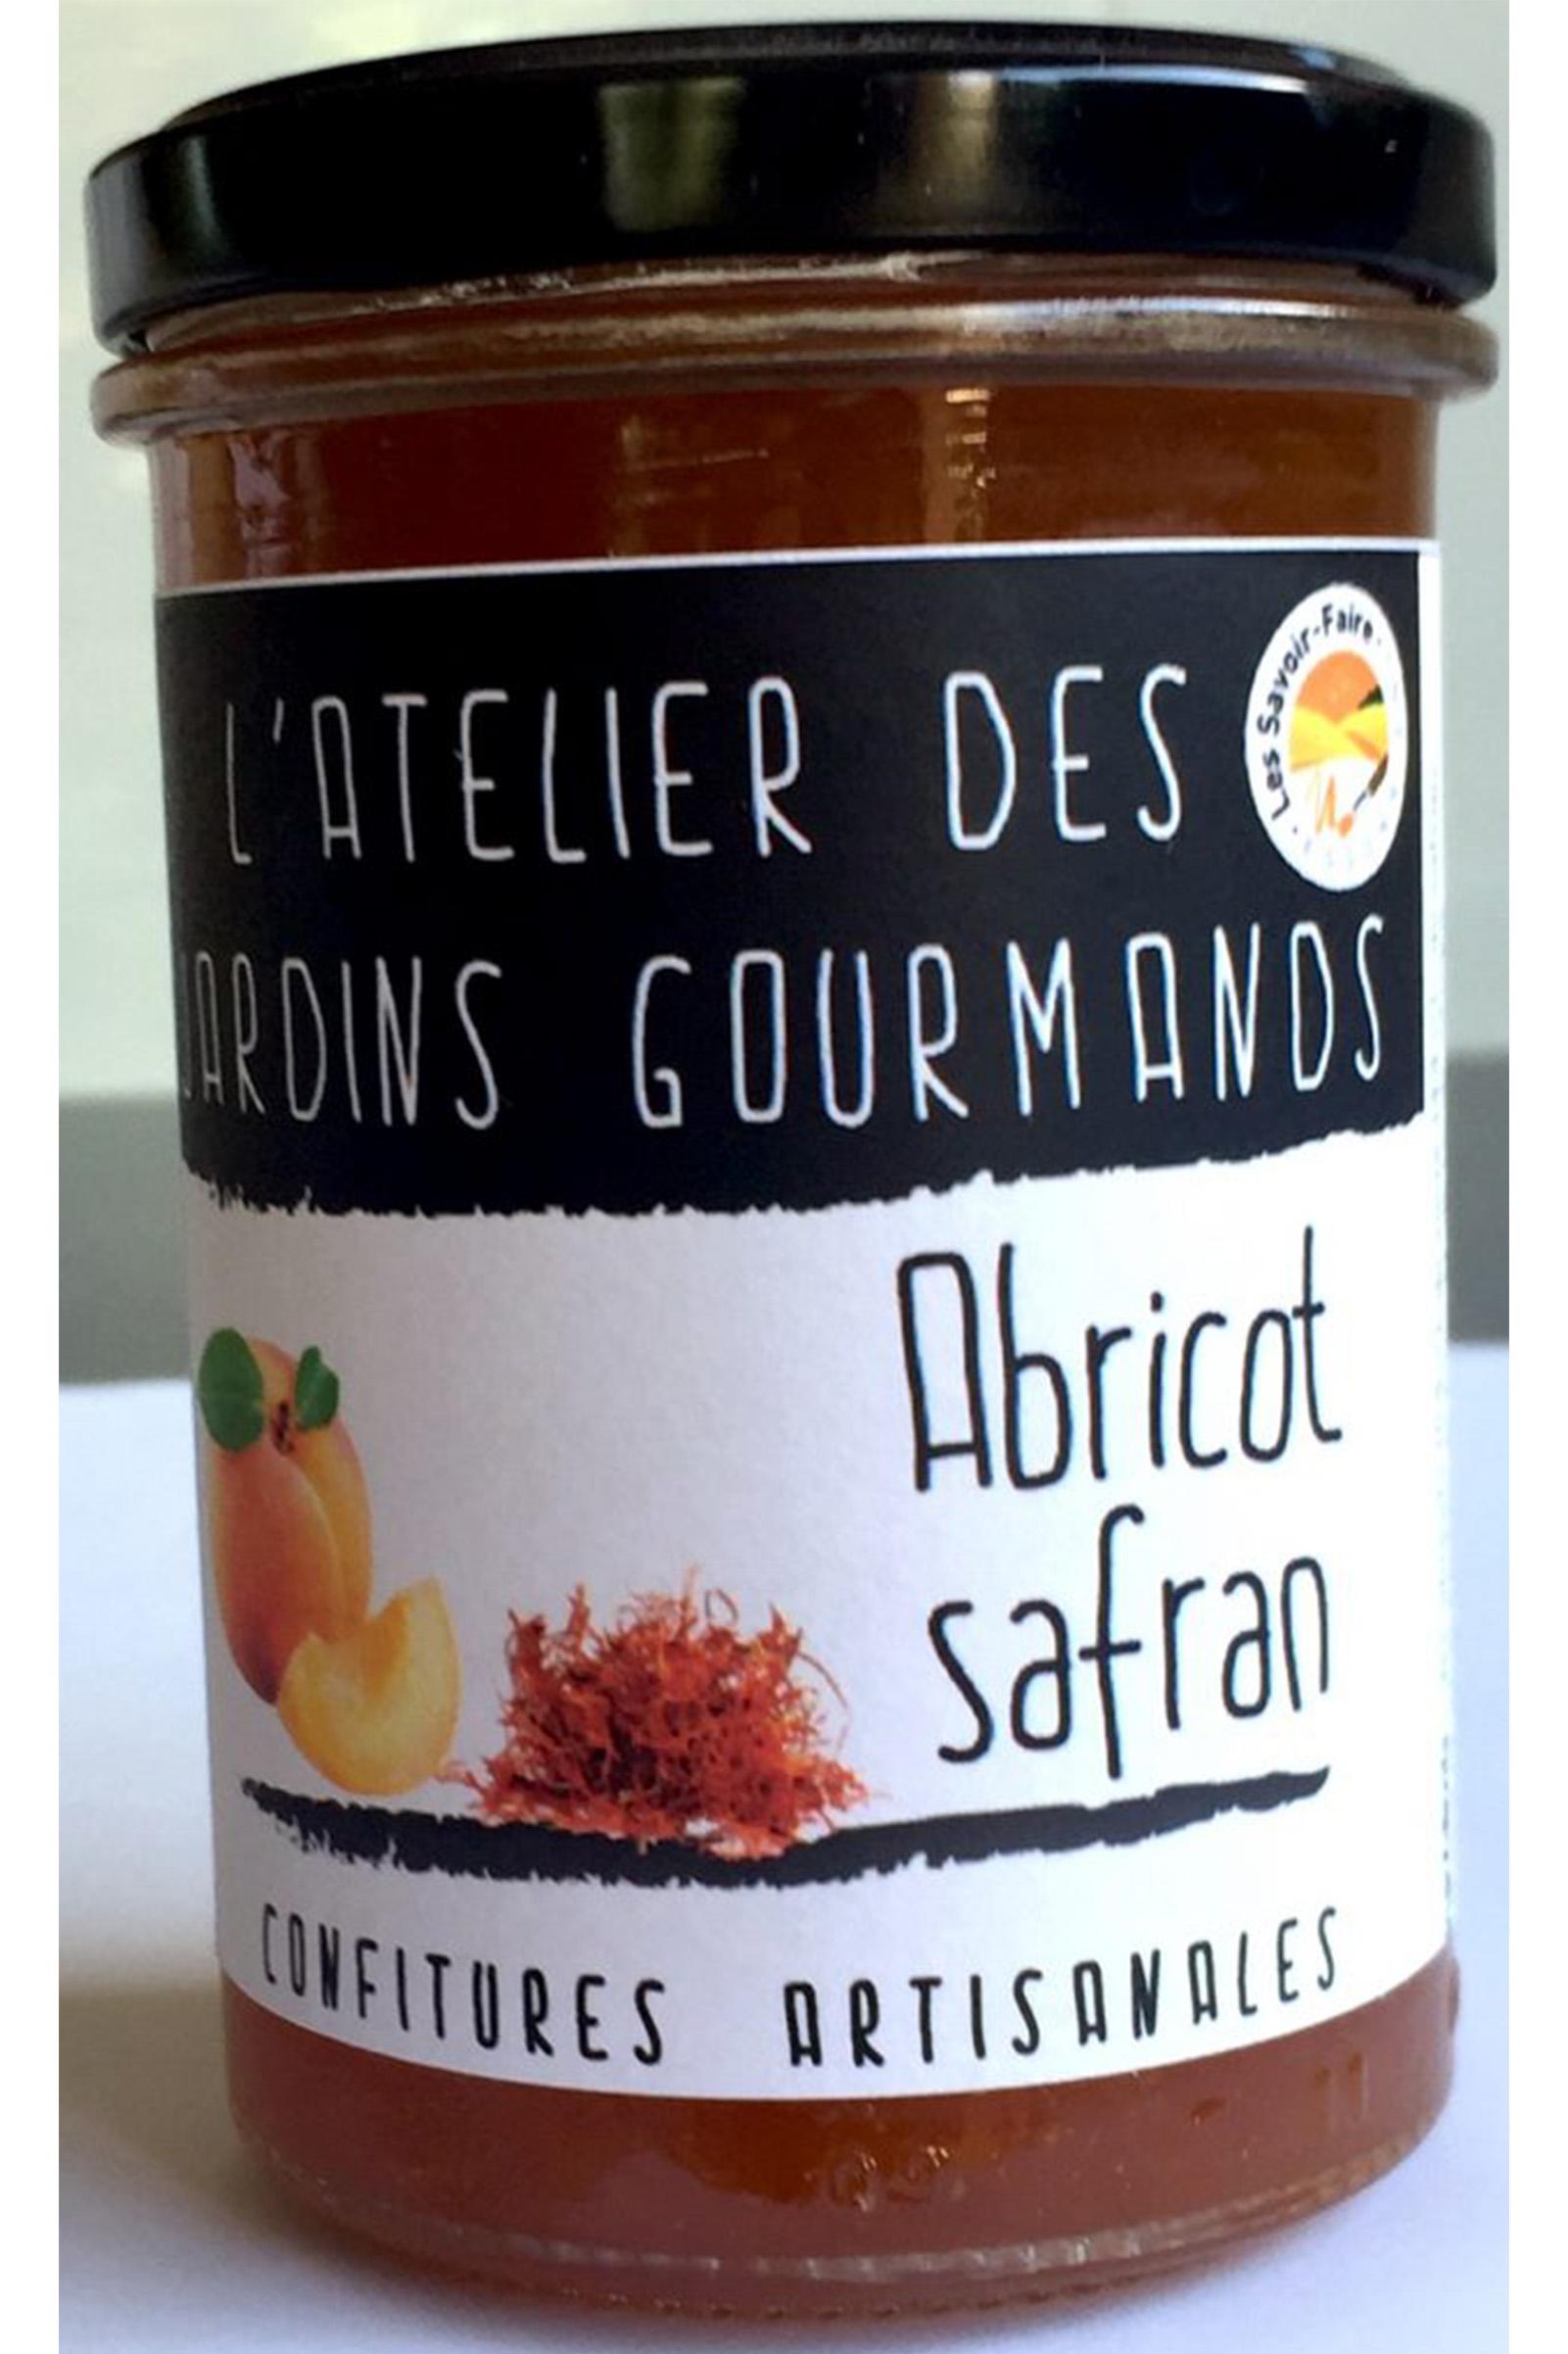 confiture abricot safran atelier des jardins gourmands